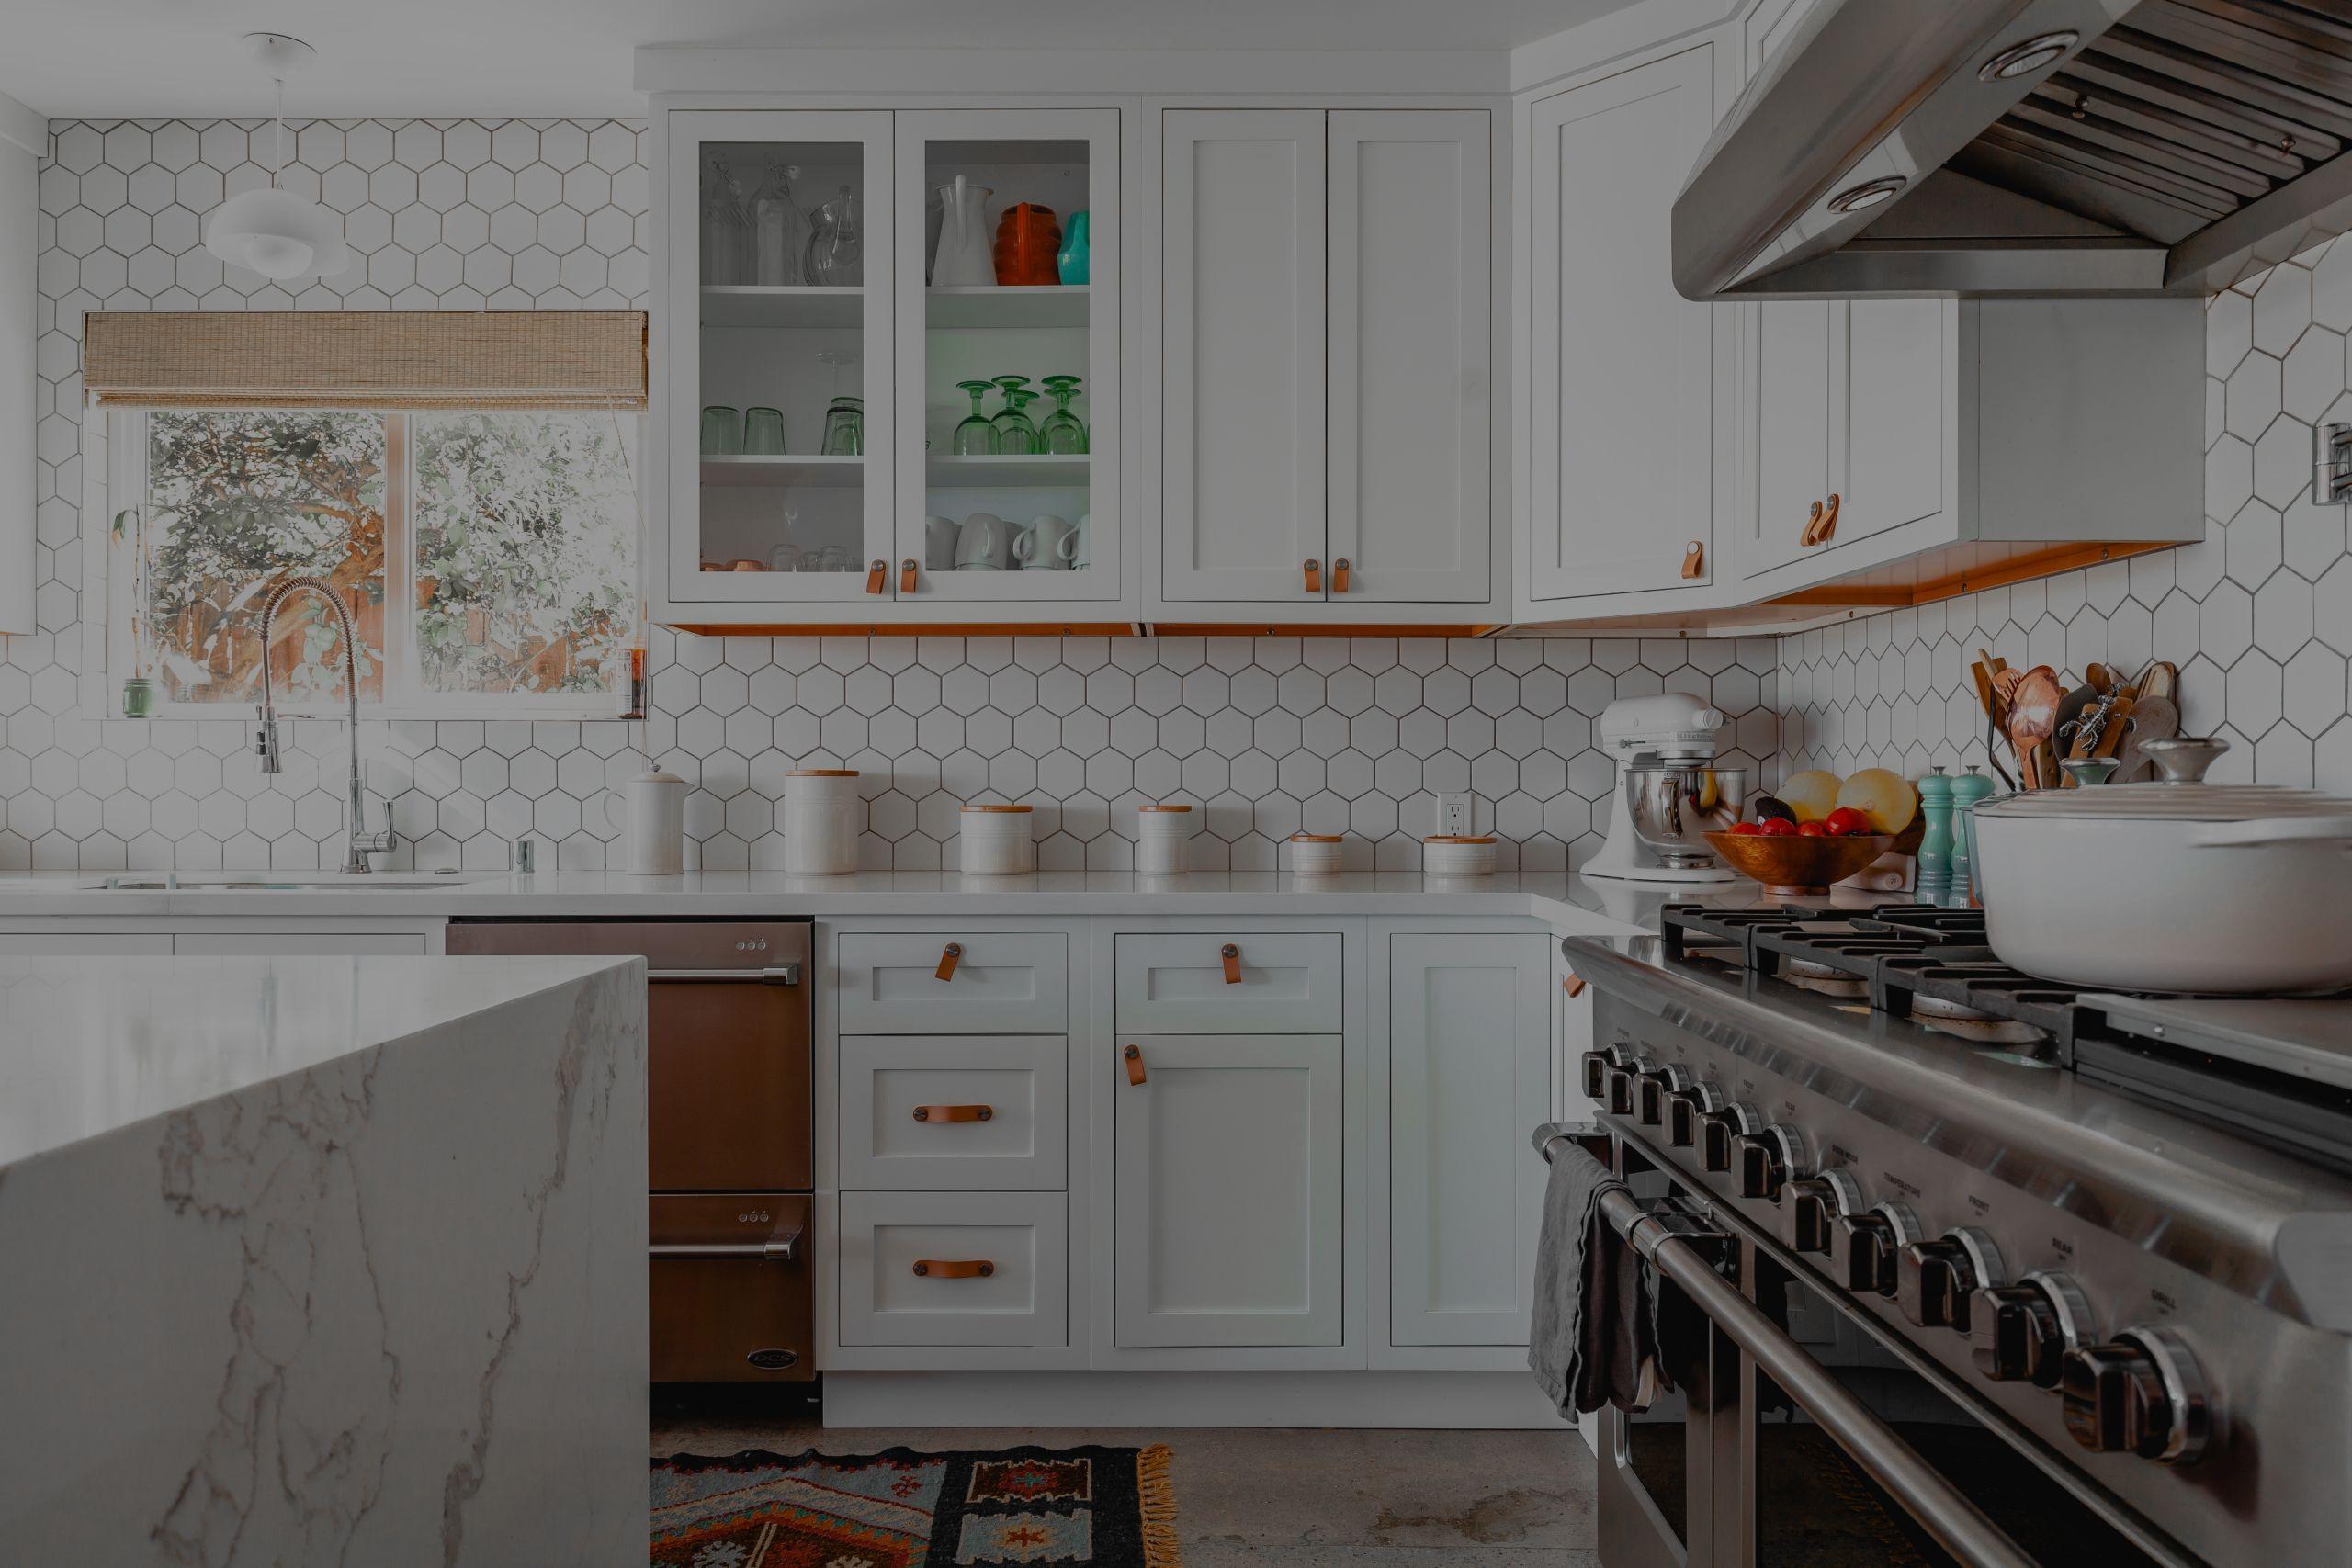 6 Kitchen Design Trends to Consider